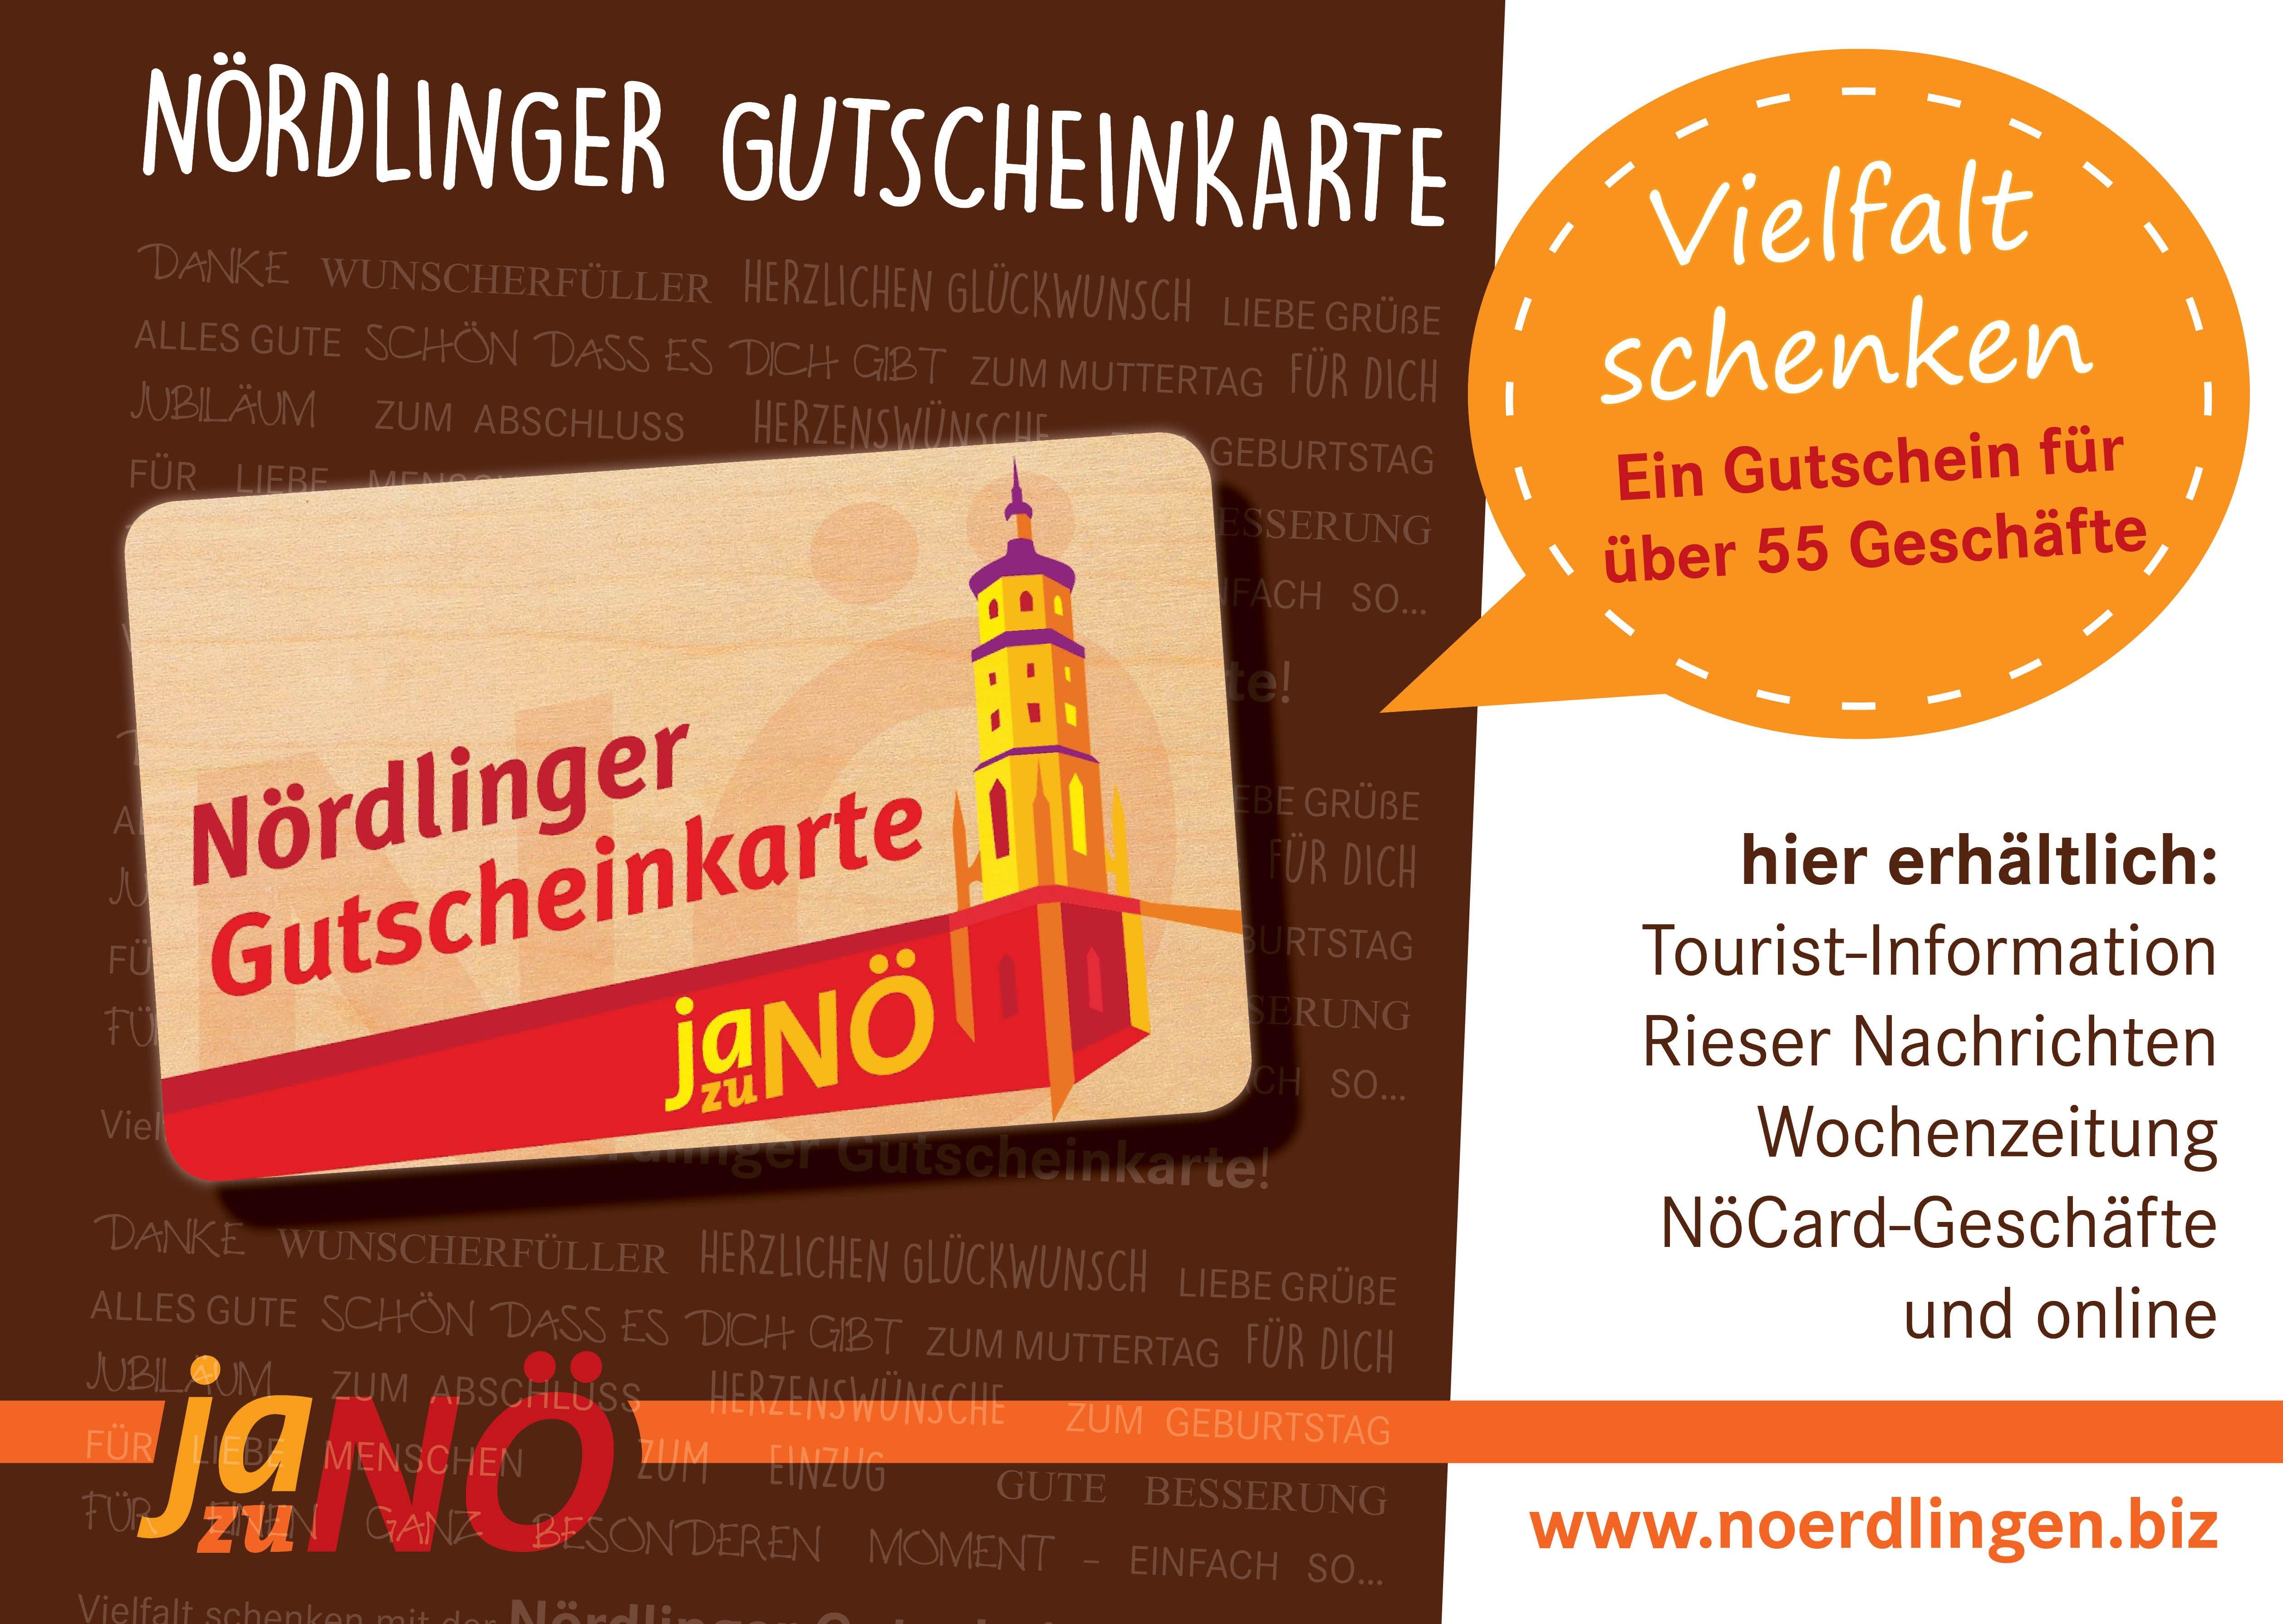 Gutscheinkarte.Nordlinger Gutscheinkarte Stadtmarketingverein Nordlingen